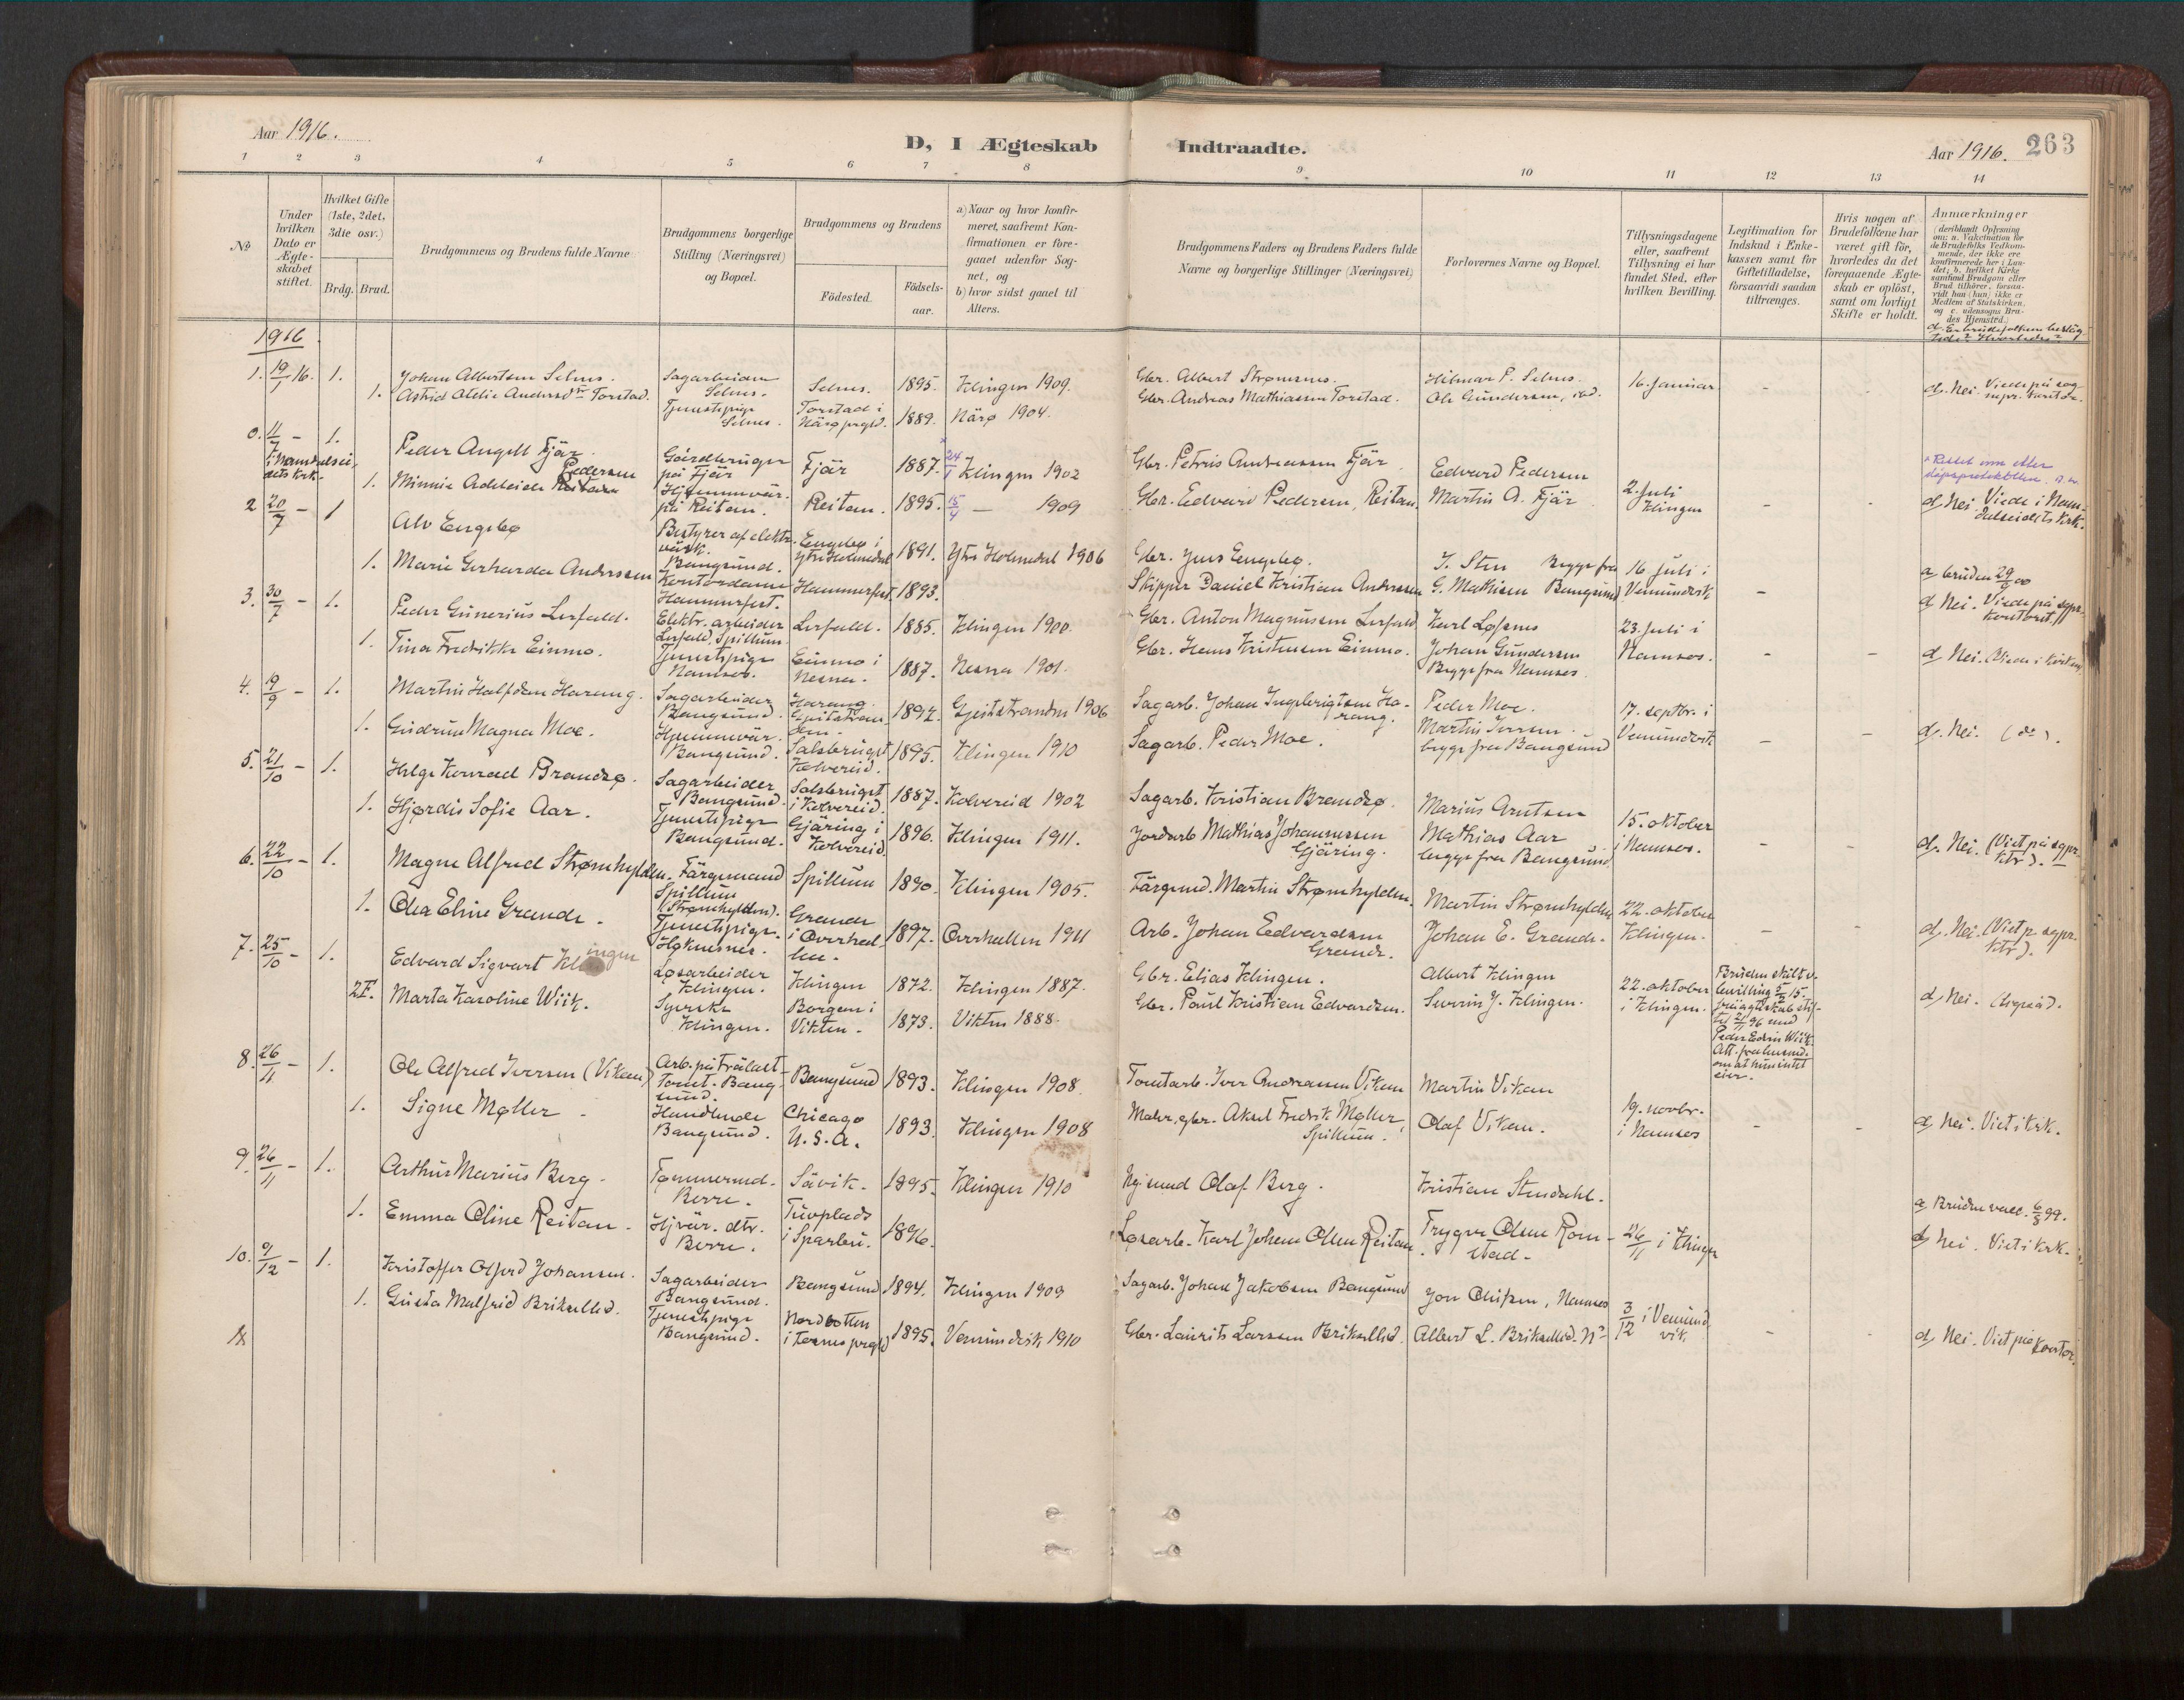 SAT, Ministerialprotokoller, klokkerbøker og fødselsregistre - Nord-Trøndelag, 770/L0589: Ministerialbok nr. 770A03, 1887-1929, s. 263